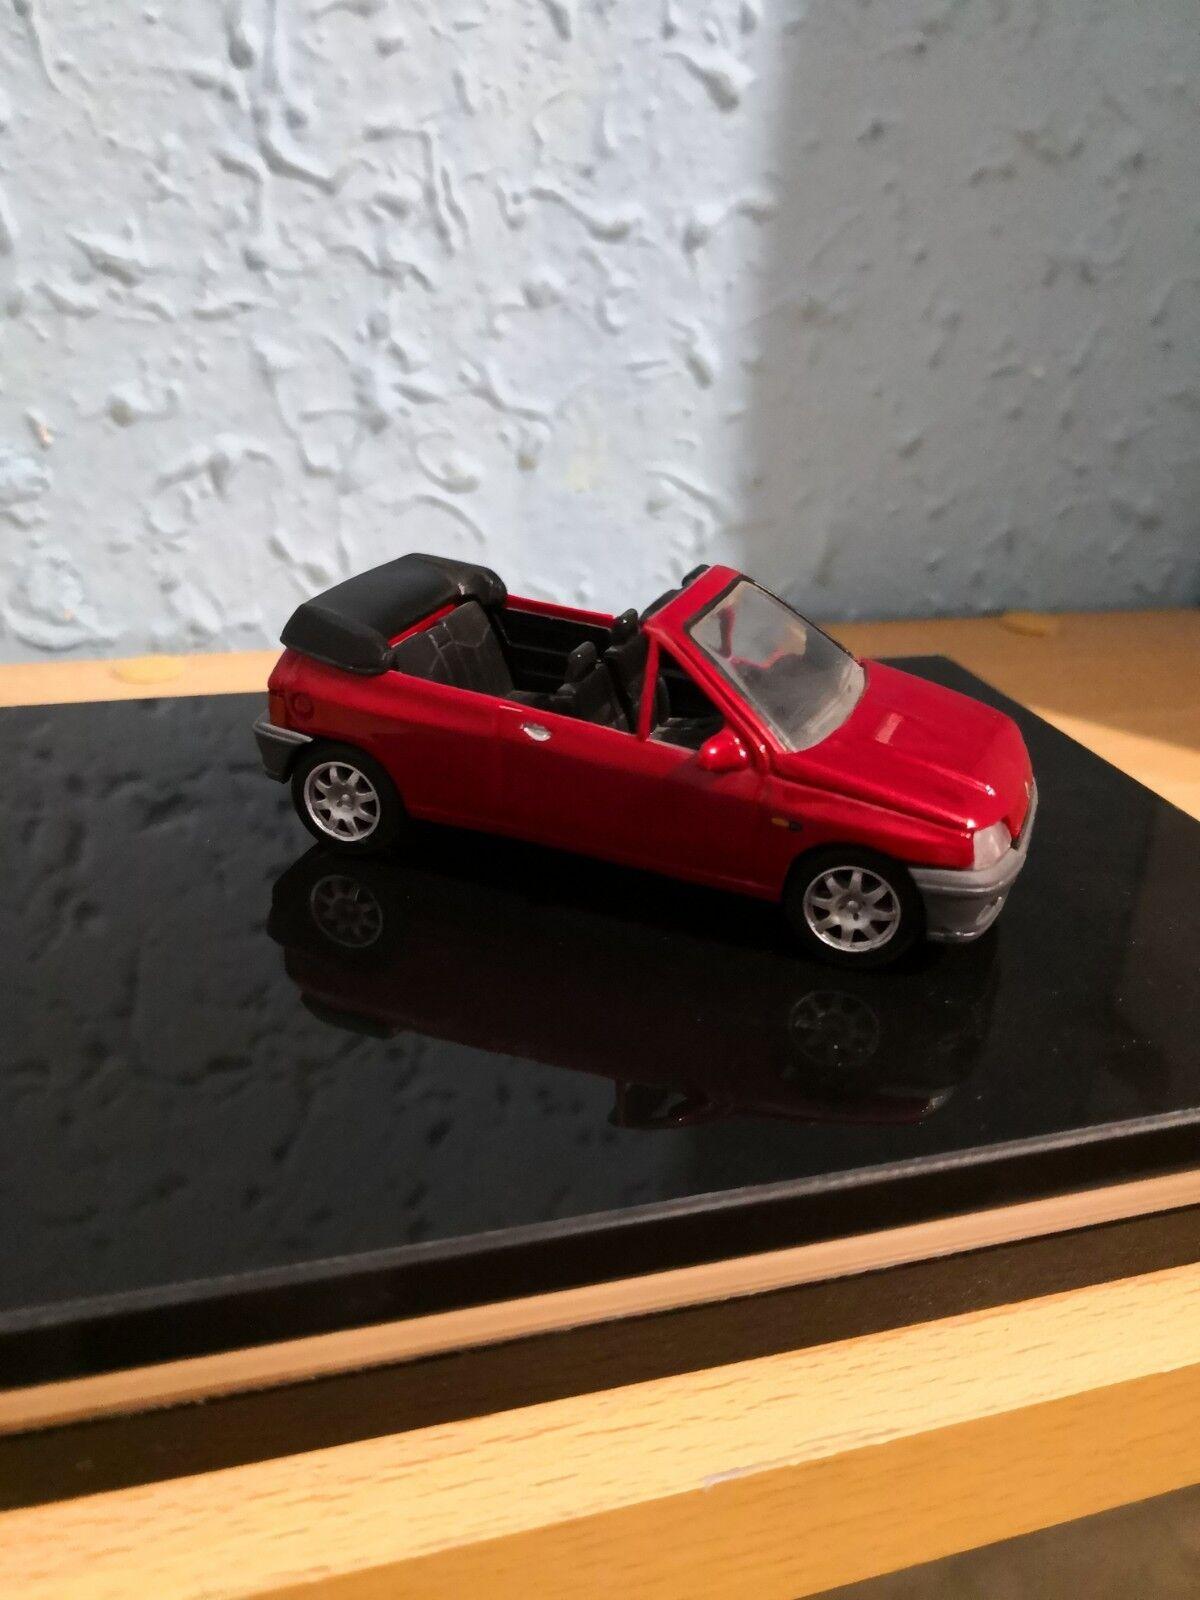 barato Renault clio cabrio cabrio cabrio 1 43  Sin impuestos